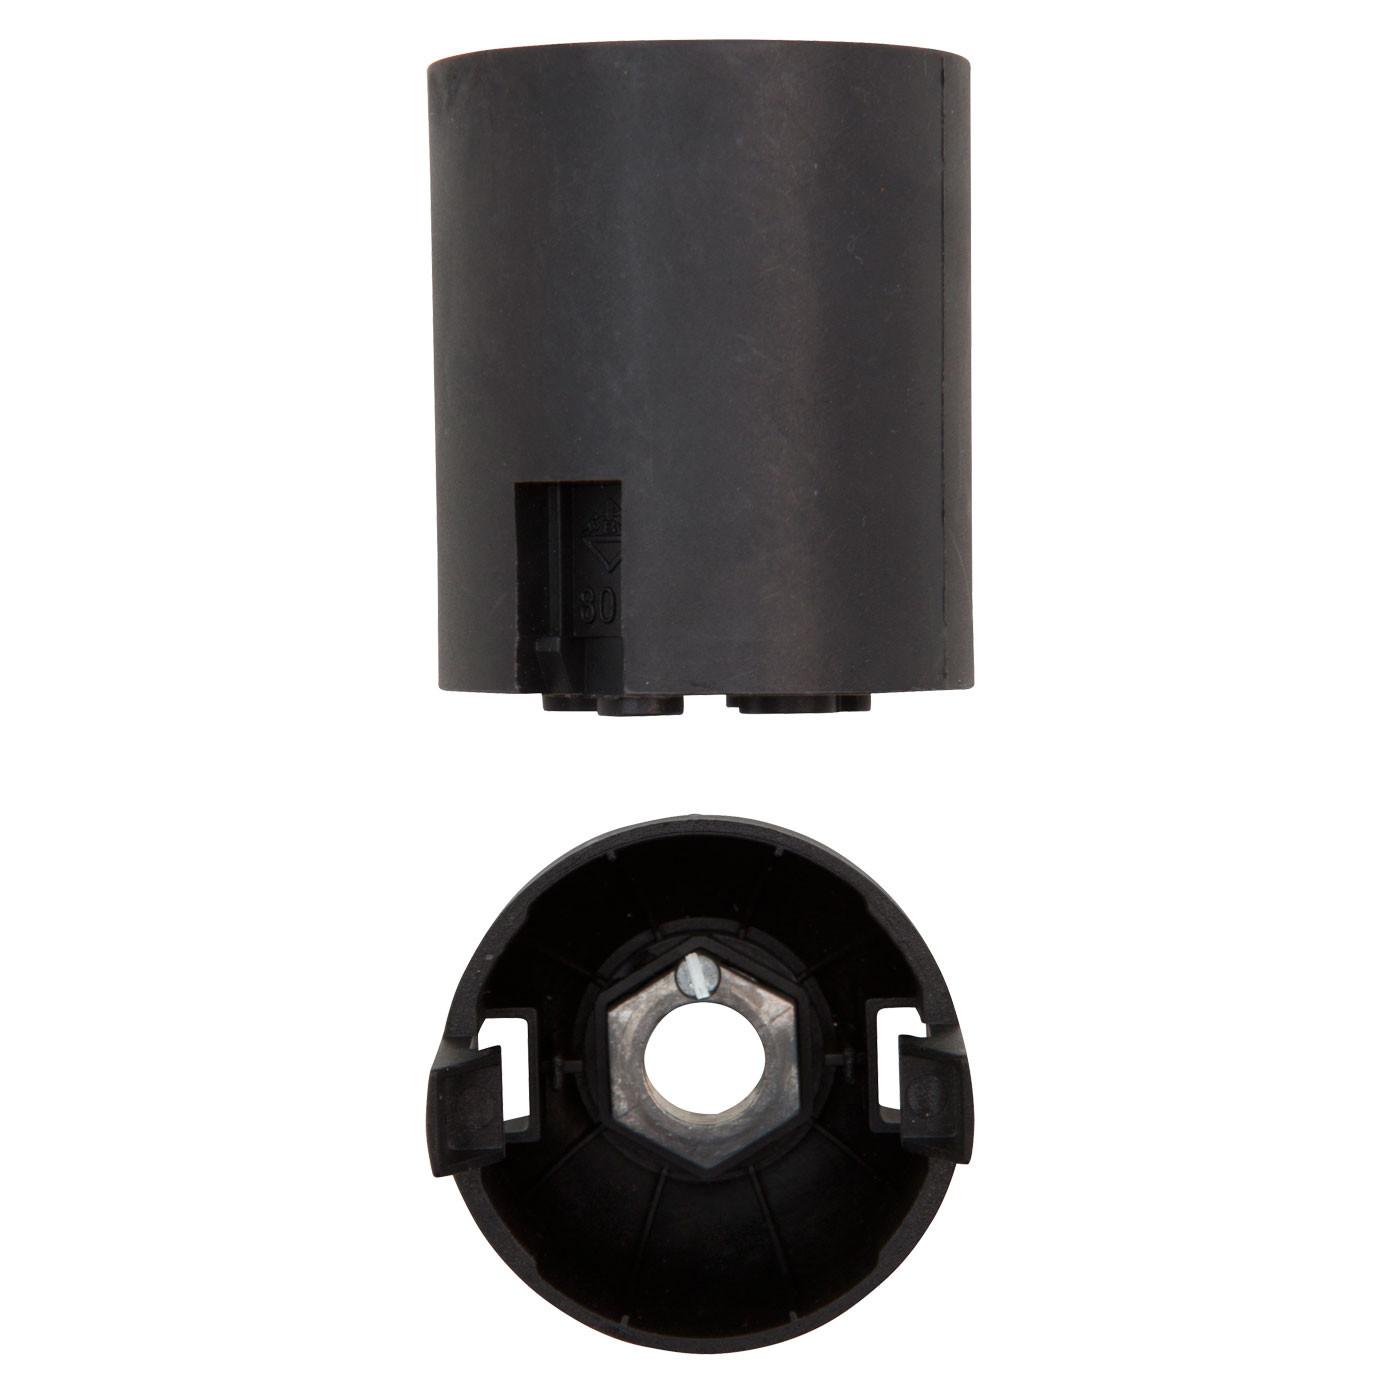 Flos Ersatzteile für Glo-Ball C2